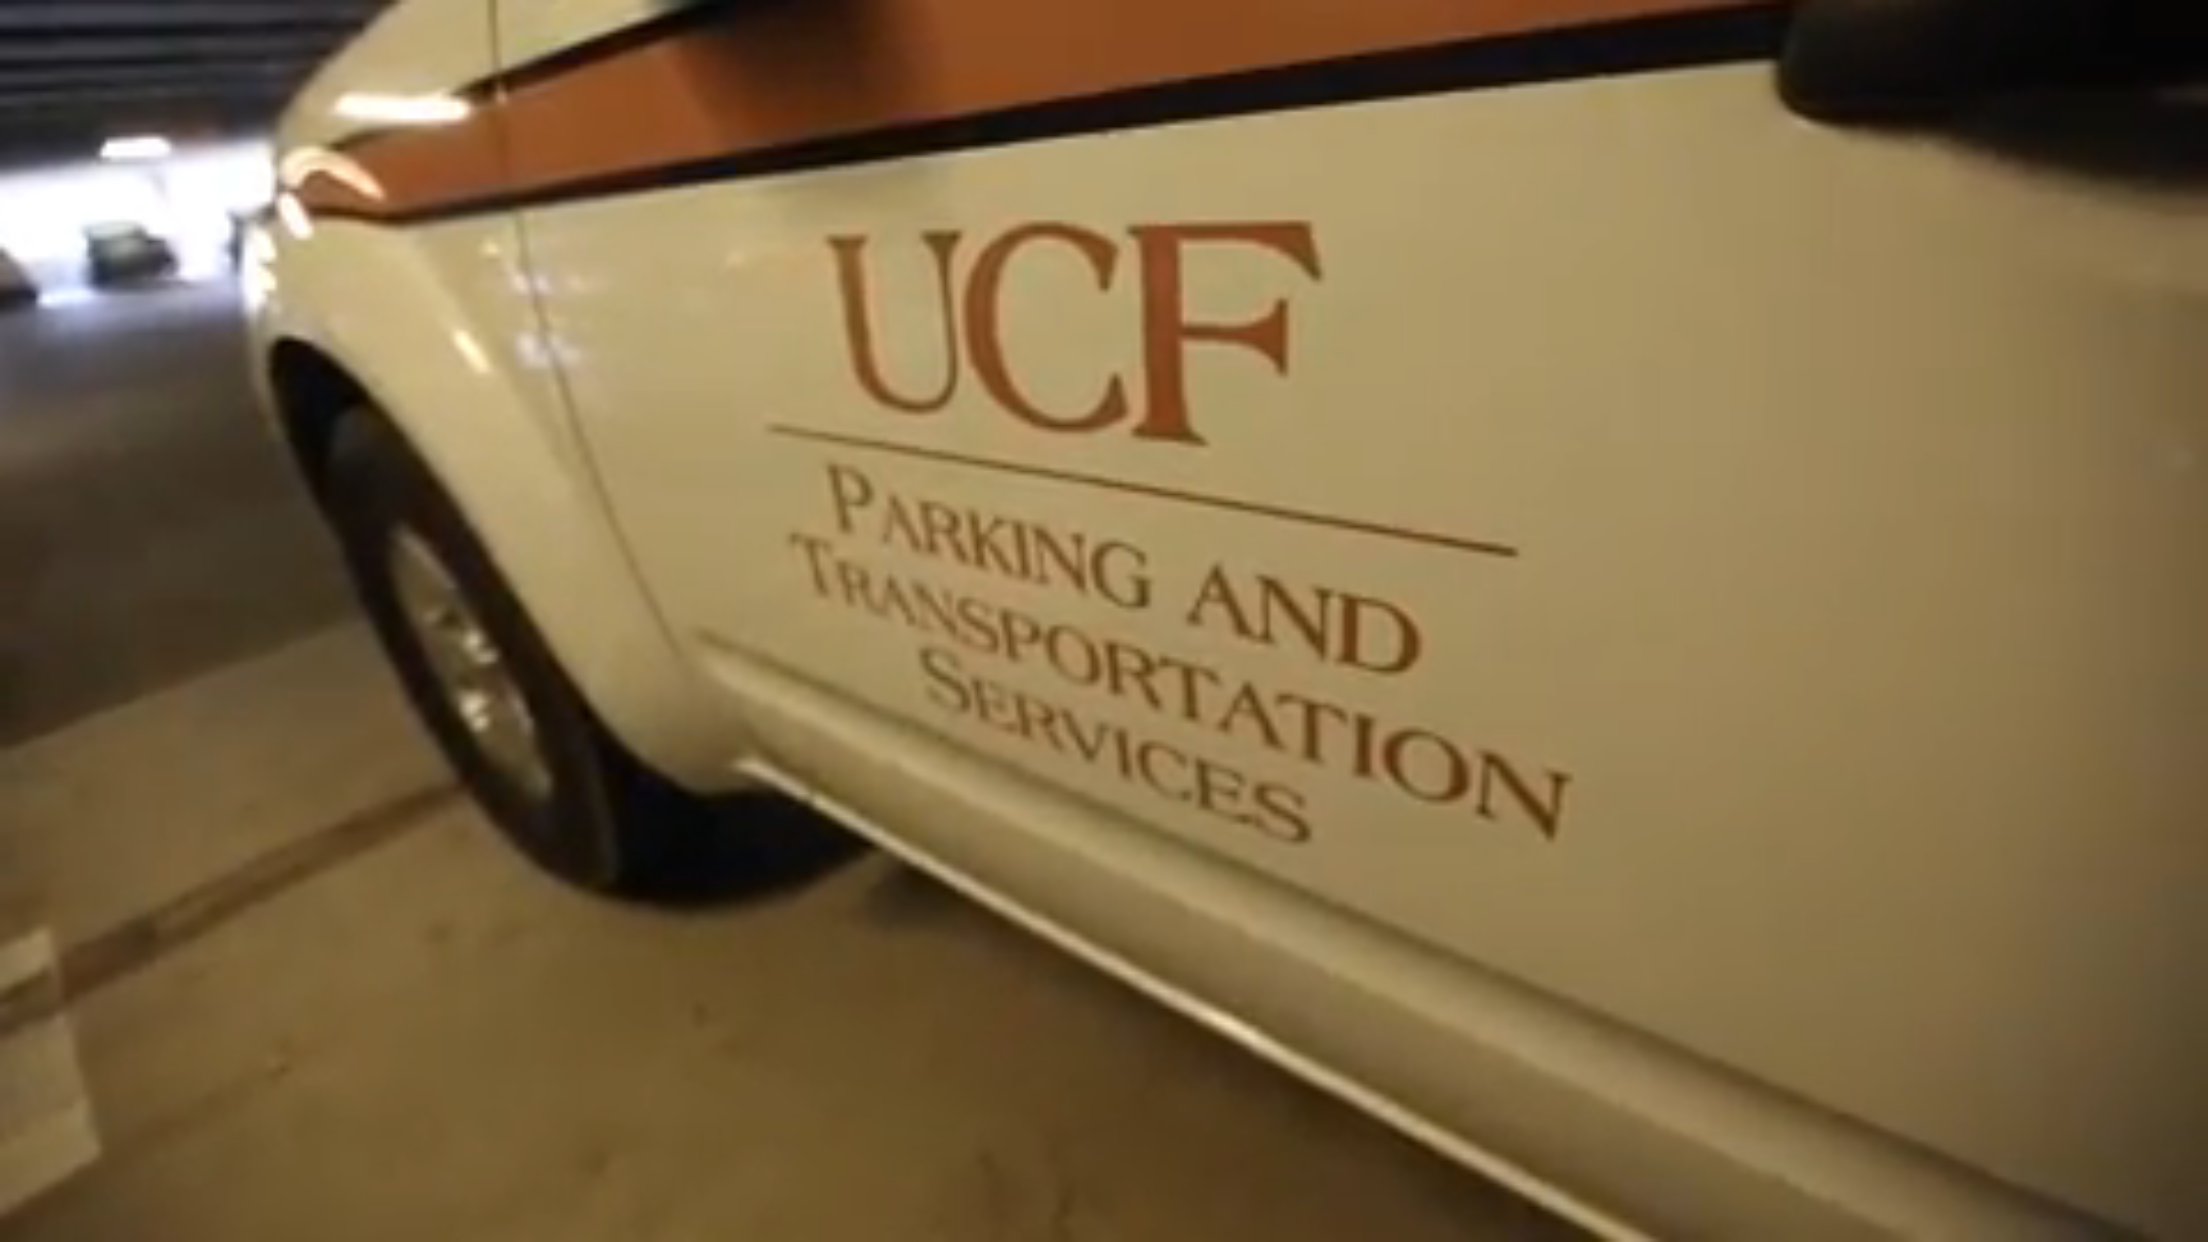 中佛大停車及交通服務部門的工程車,隨時巡邏監視,確實執行取締違規停車。(截自視頻)